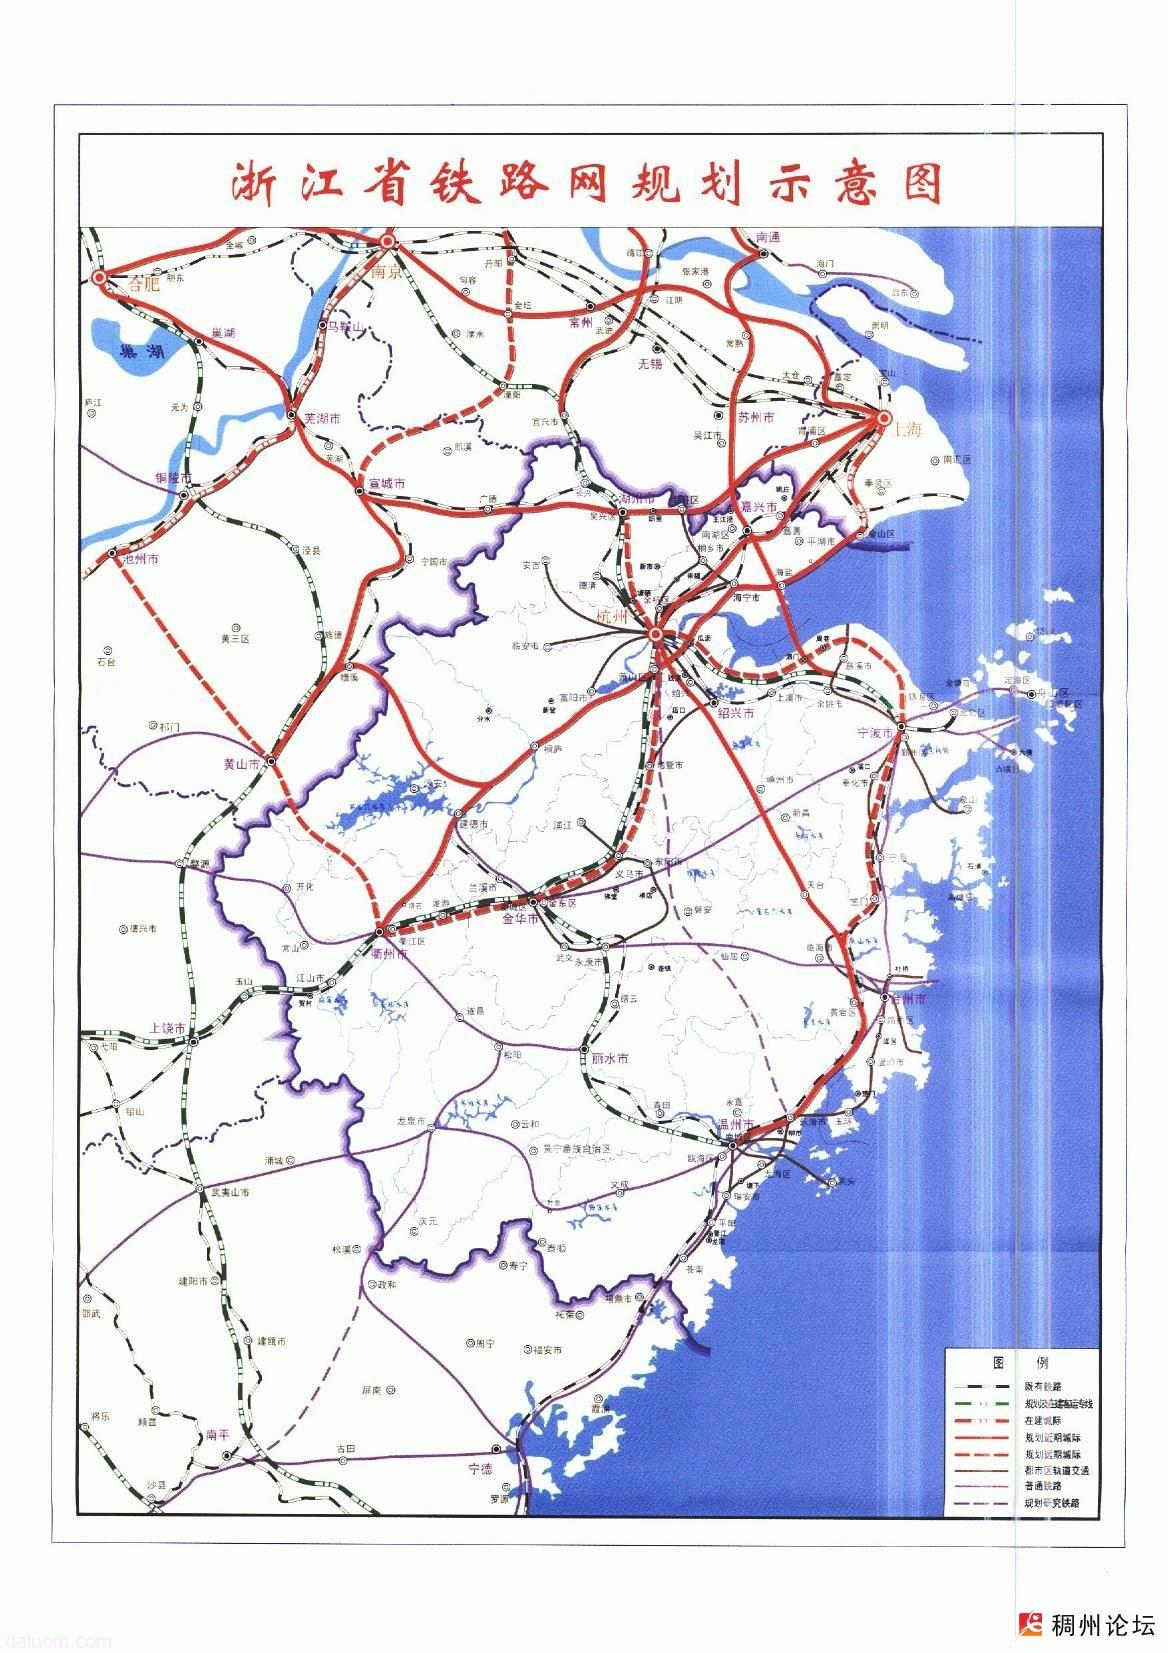 浙江省铁路网规划示意图.jpg 高清图片